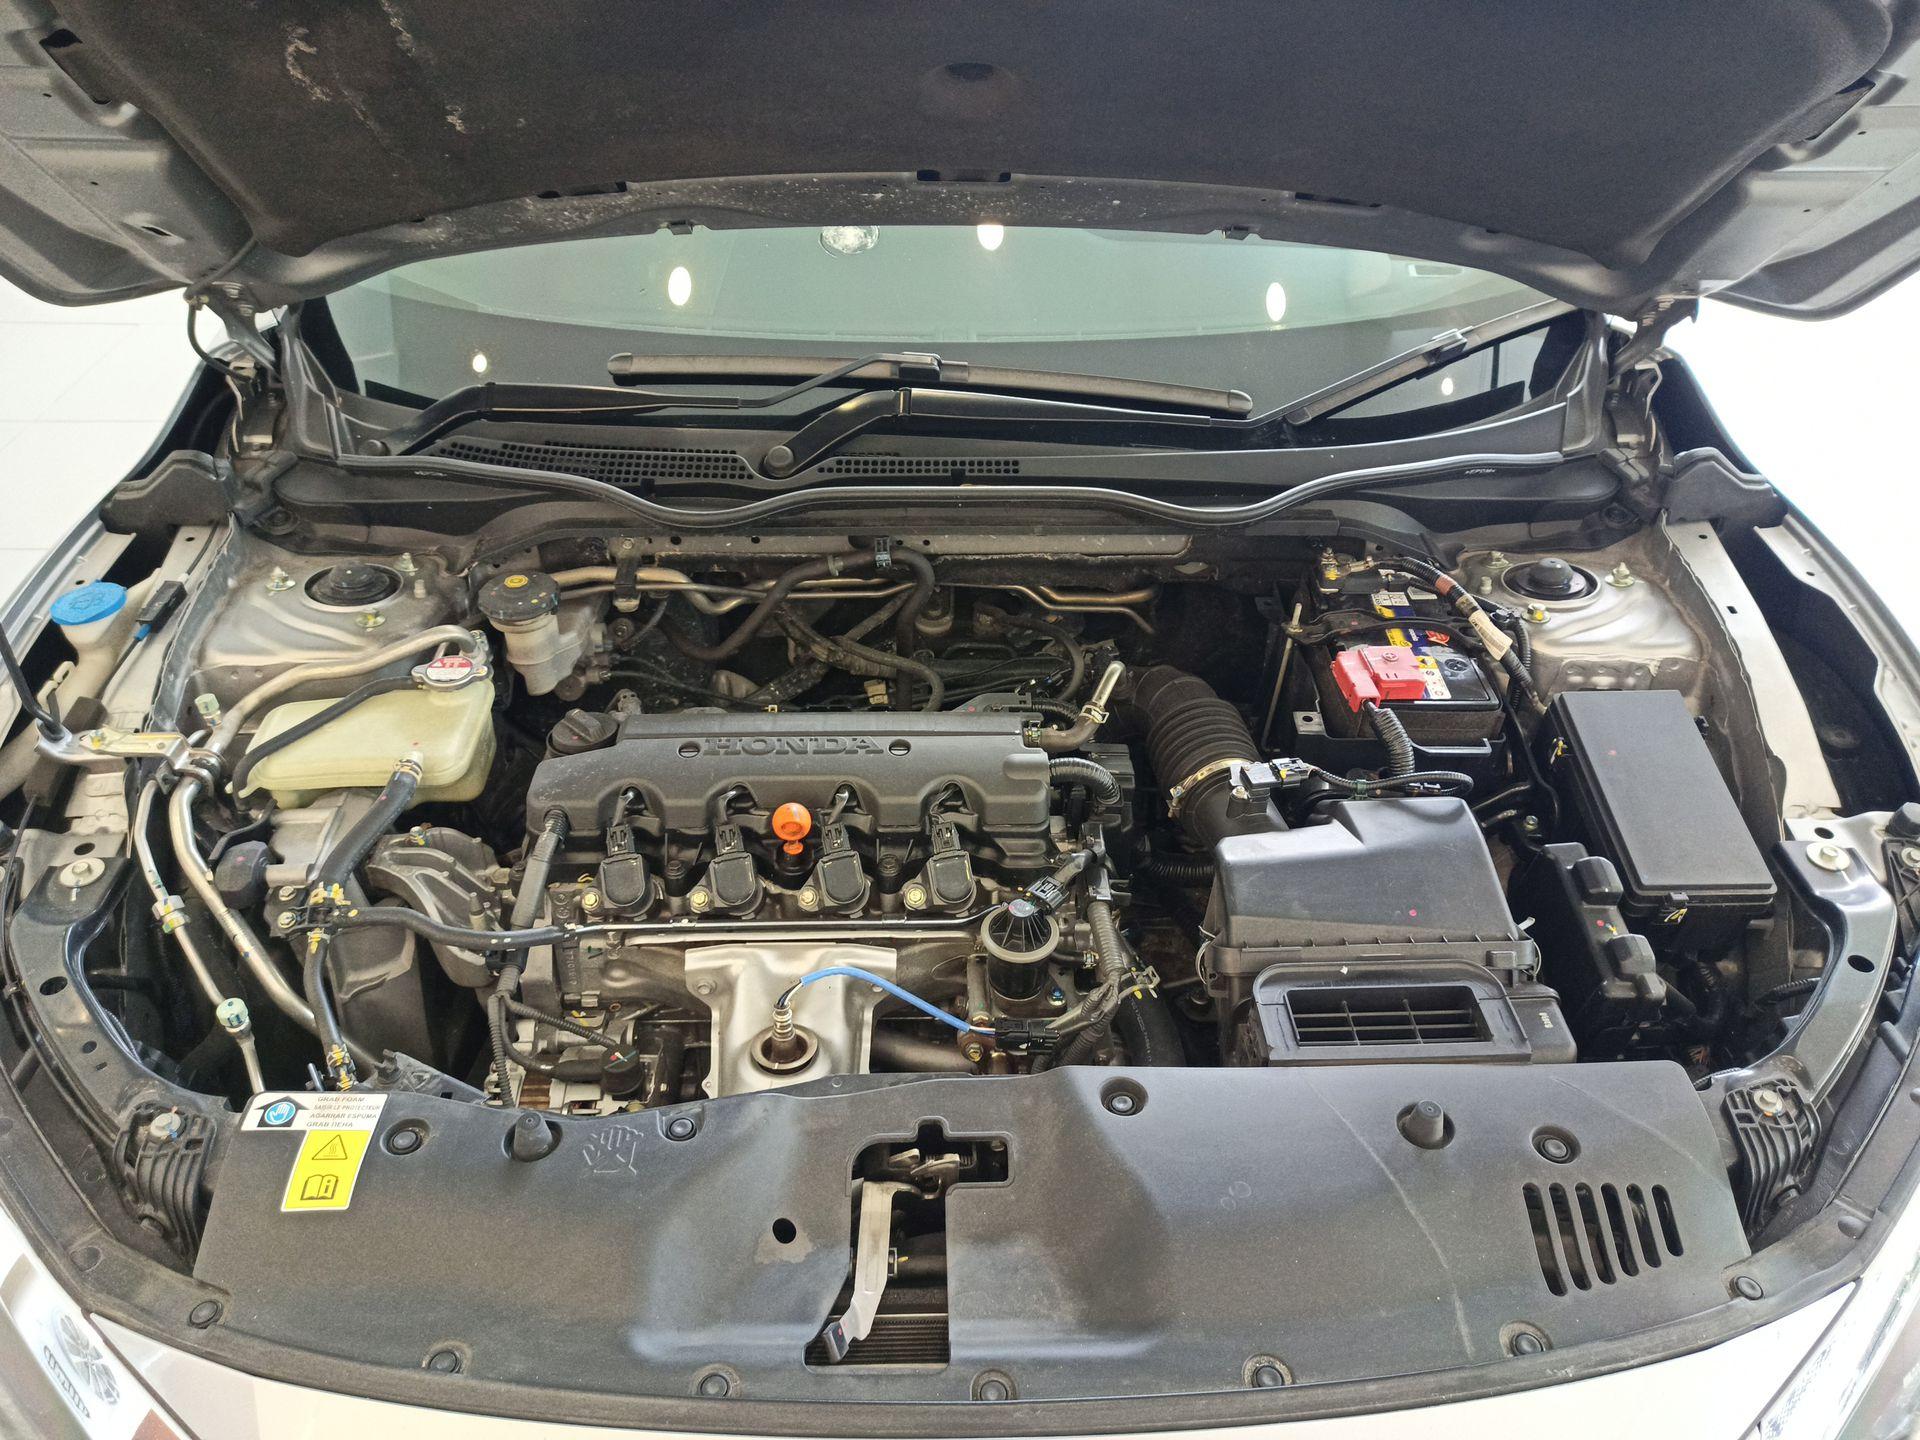 2017 Honda Civic 1.8L I-Vtec (A)